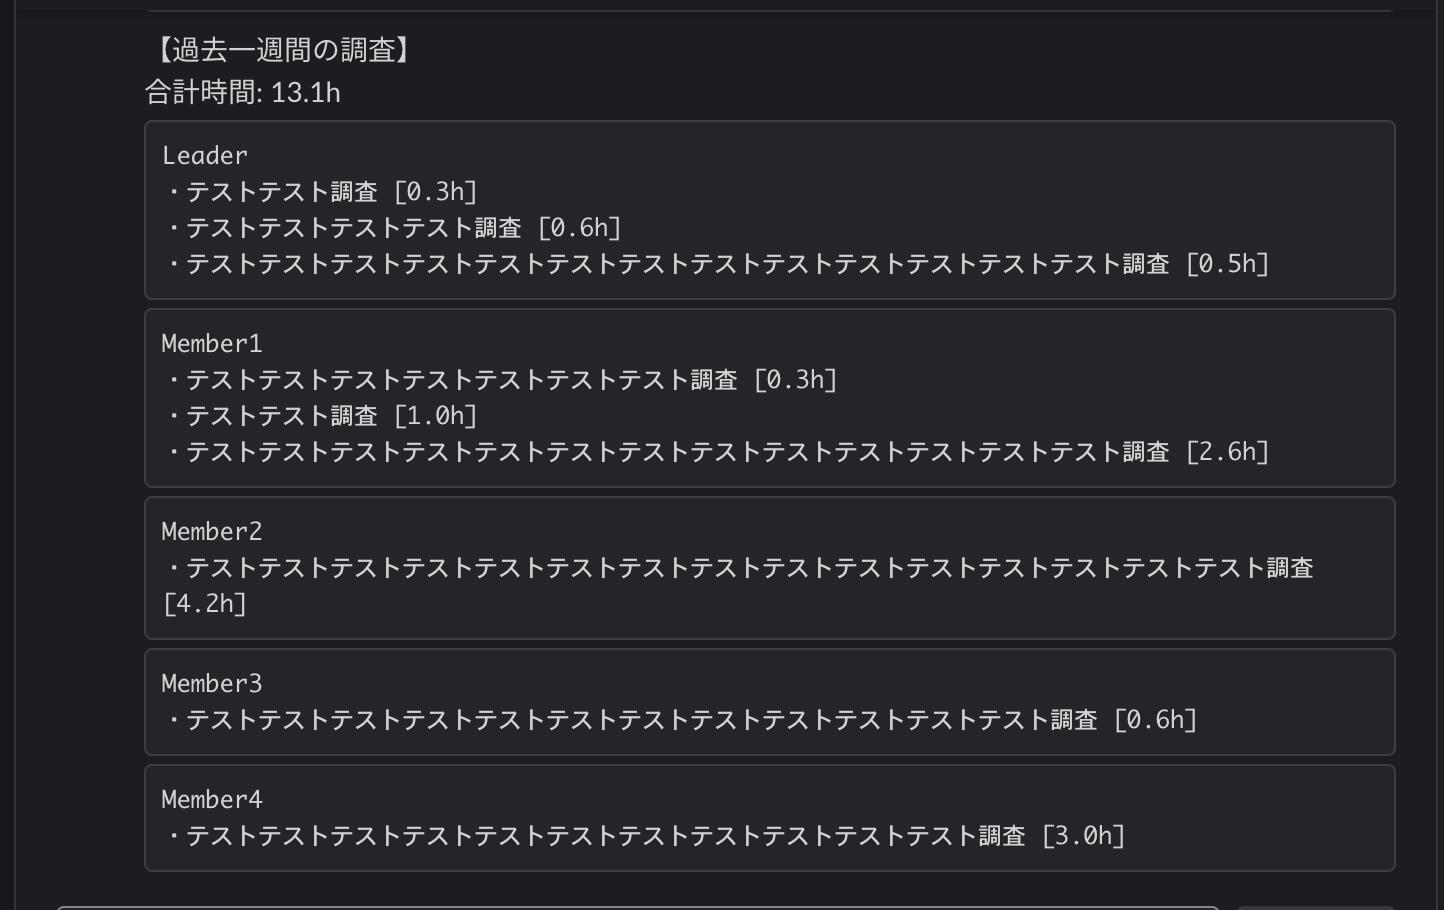 スクリーンショット 2019-11-12 13.02.59.png